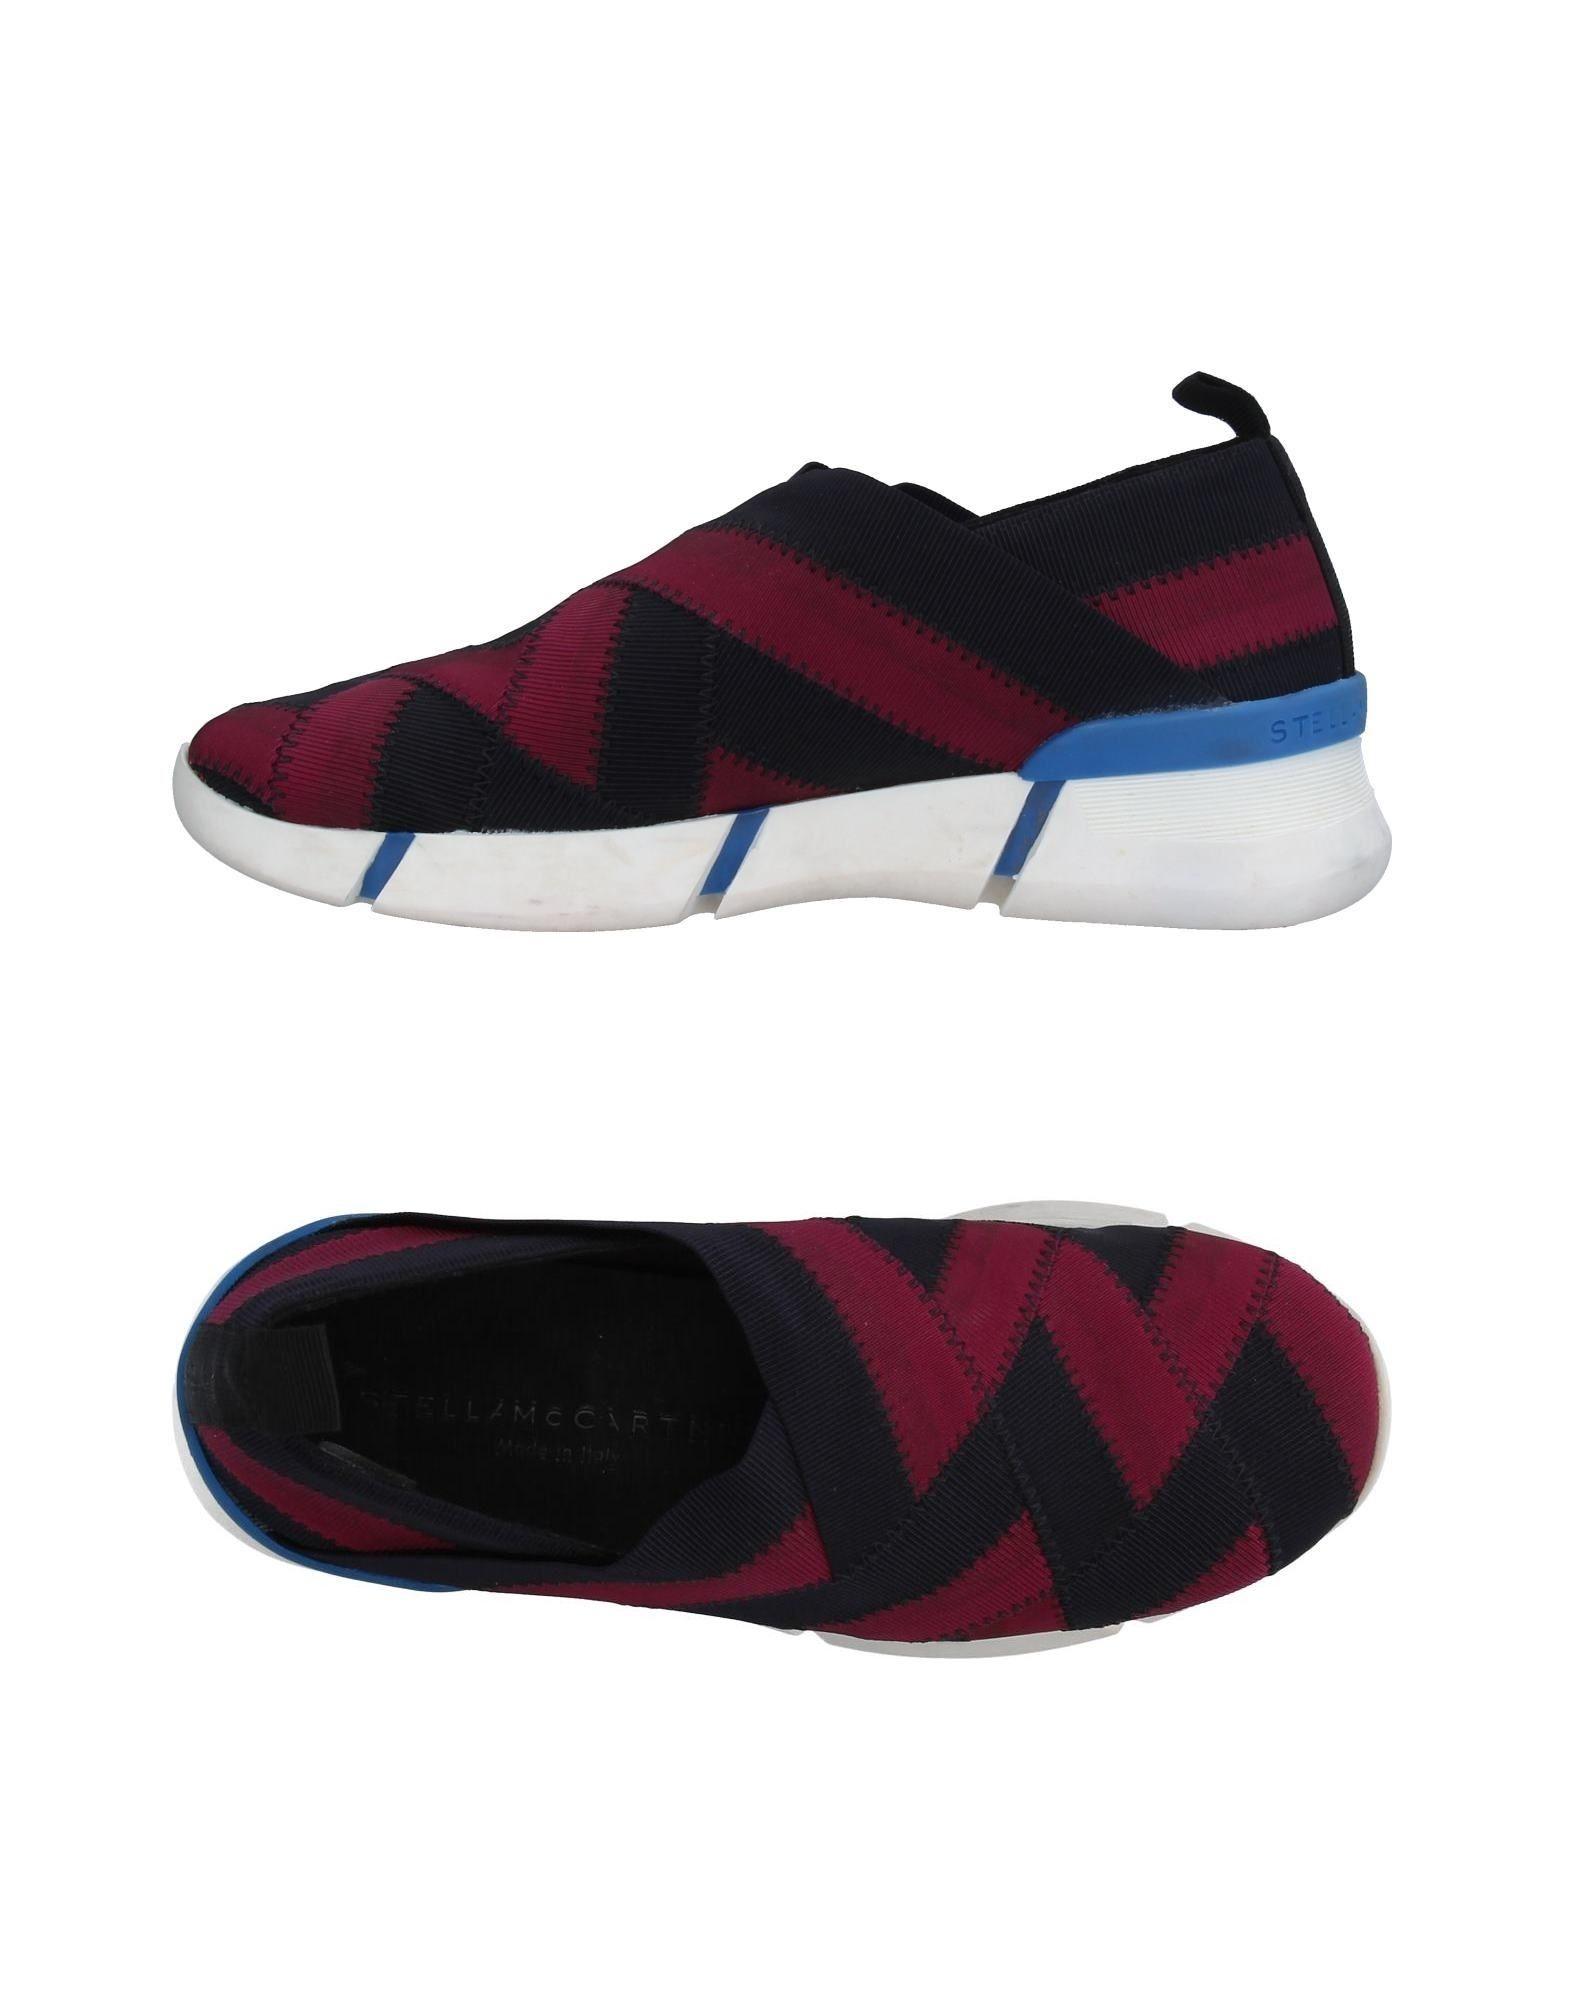 Stella Mccartney Sneakers Damen Damen Damen  11248335PP Neue Schuhe edbcfb